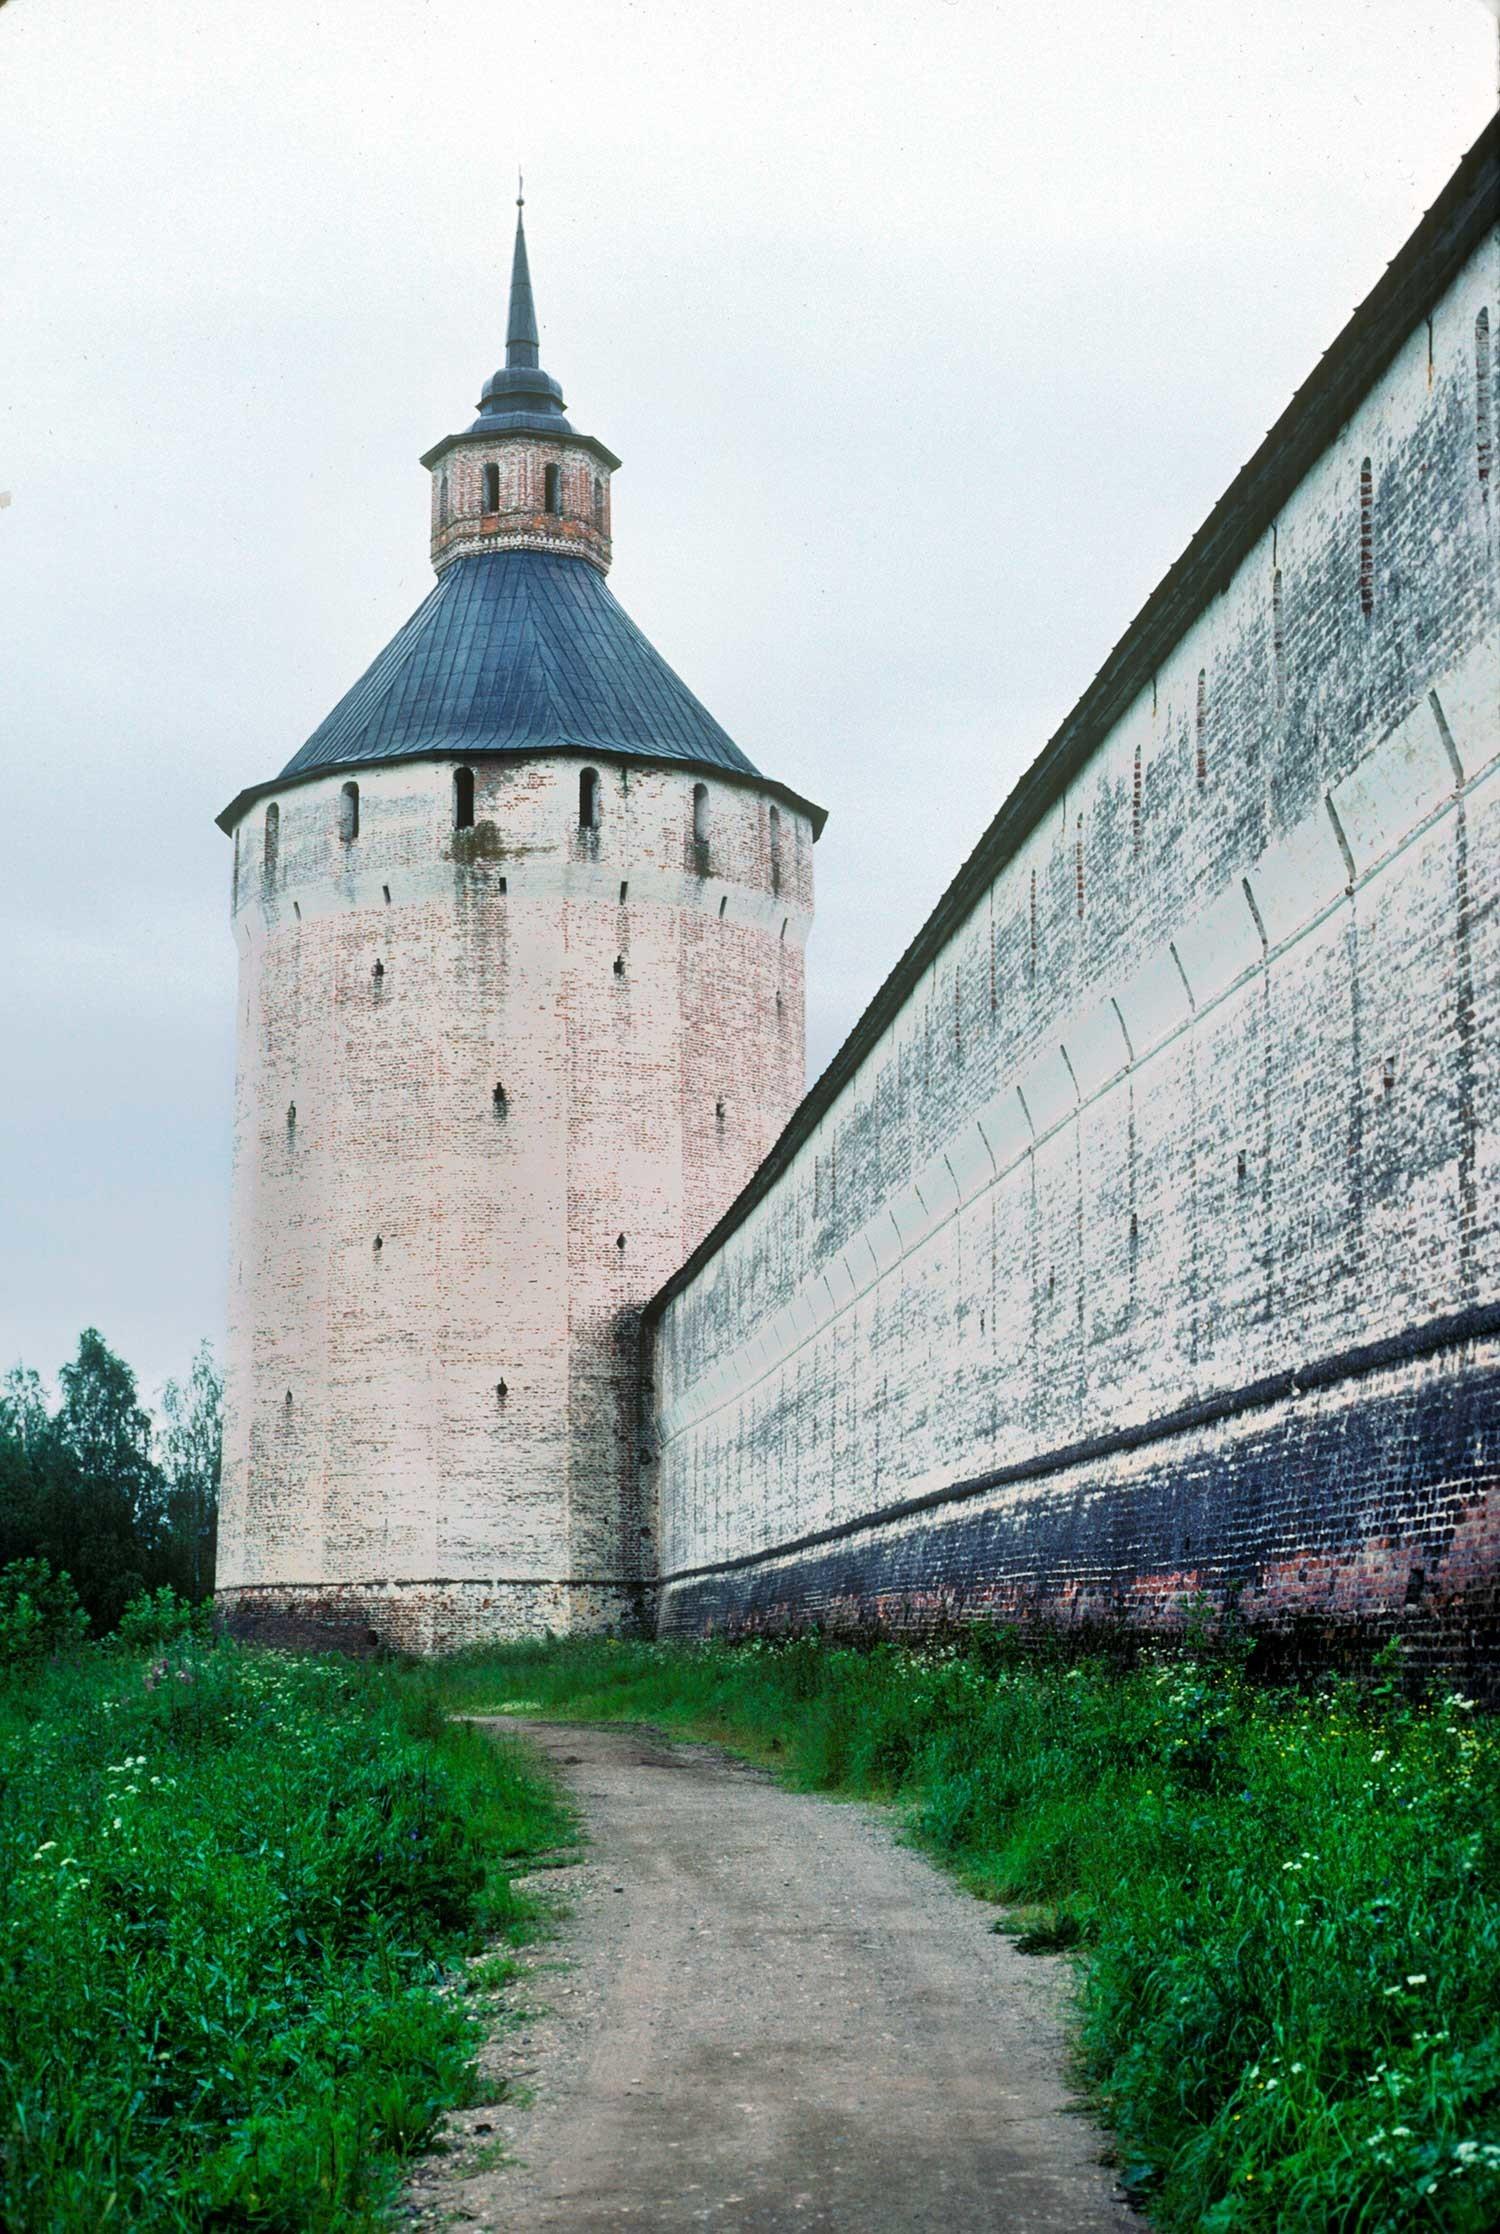 Manastir svetog Ćirila Bjelozjerskog. Ferapontov toranj, južni pogled, s desne strane nalazi se zapadni zid. 8. kolovoza 1991.